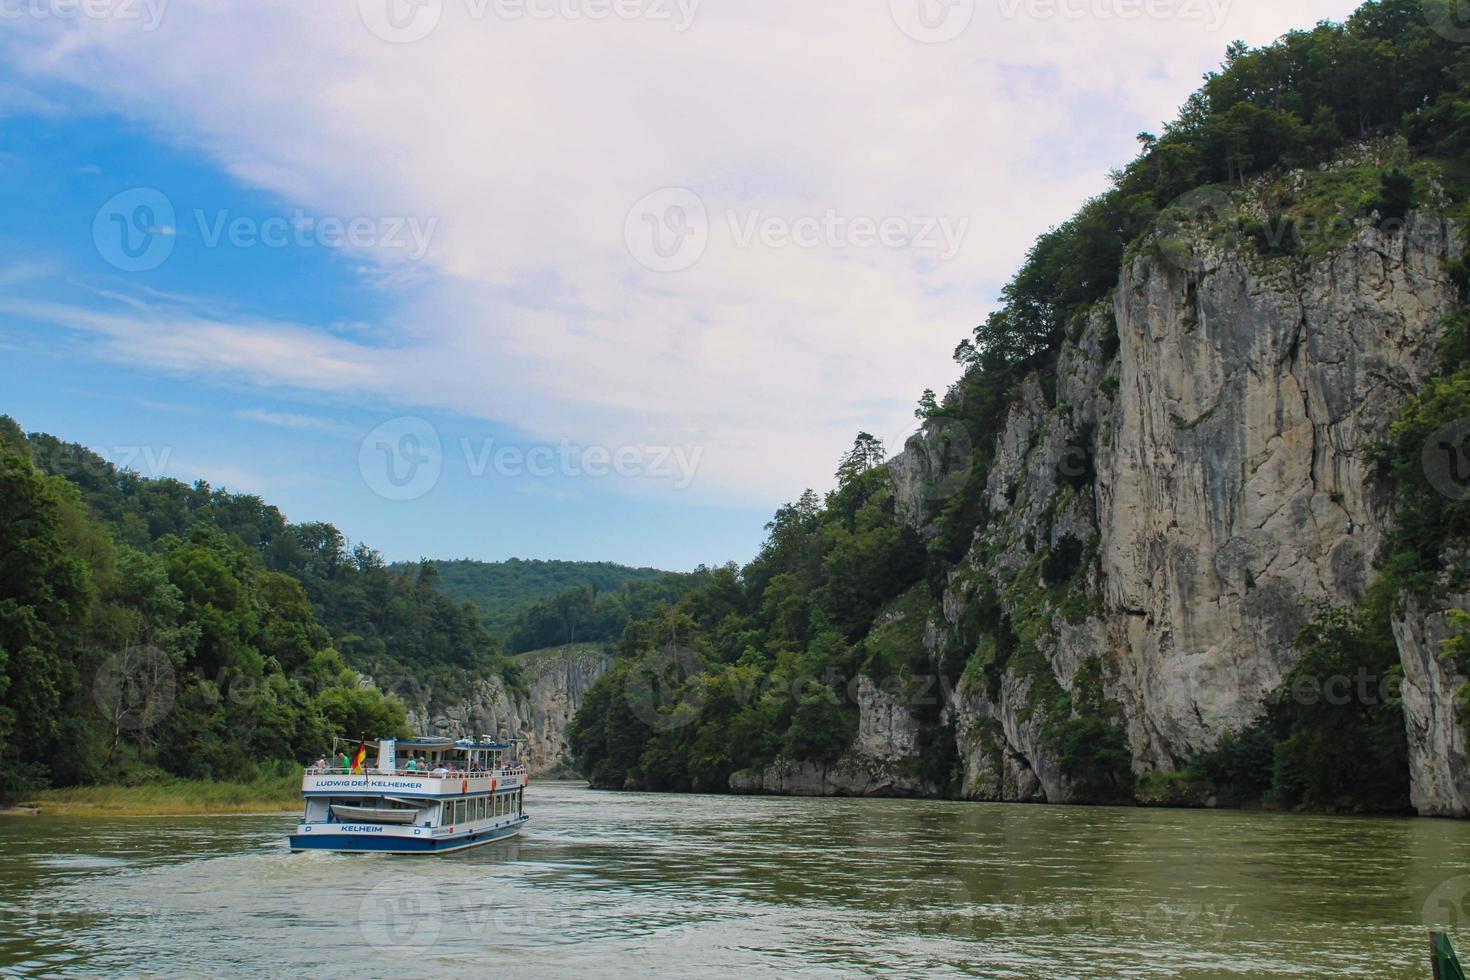 Danube River around the Village of Weltenburg photo